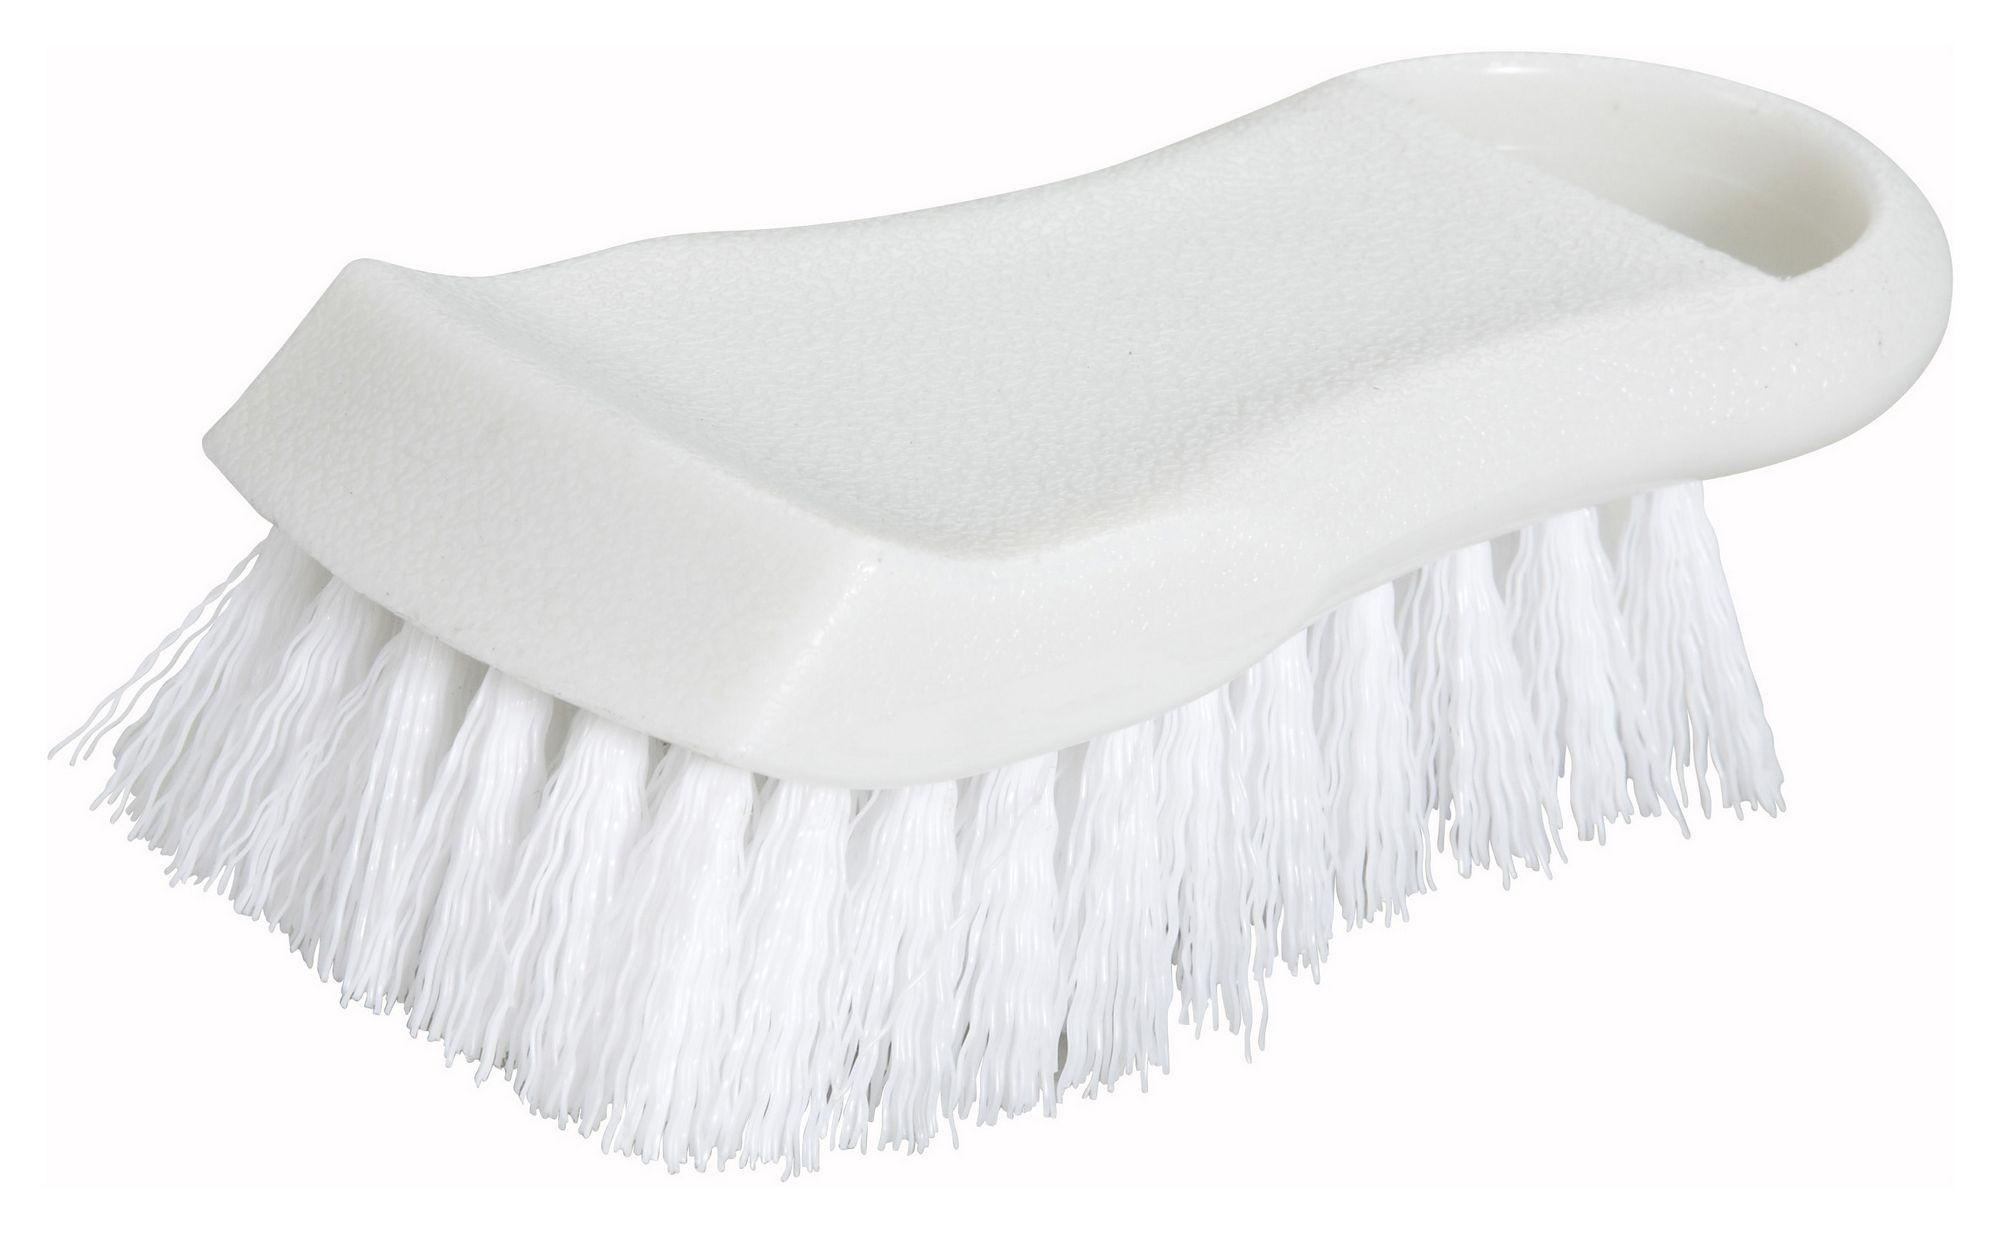 Winco CBR-WT White Cutting Board Brush